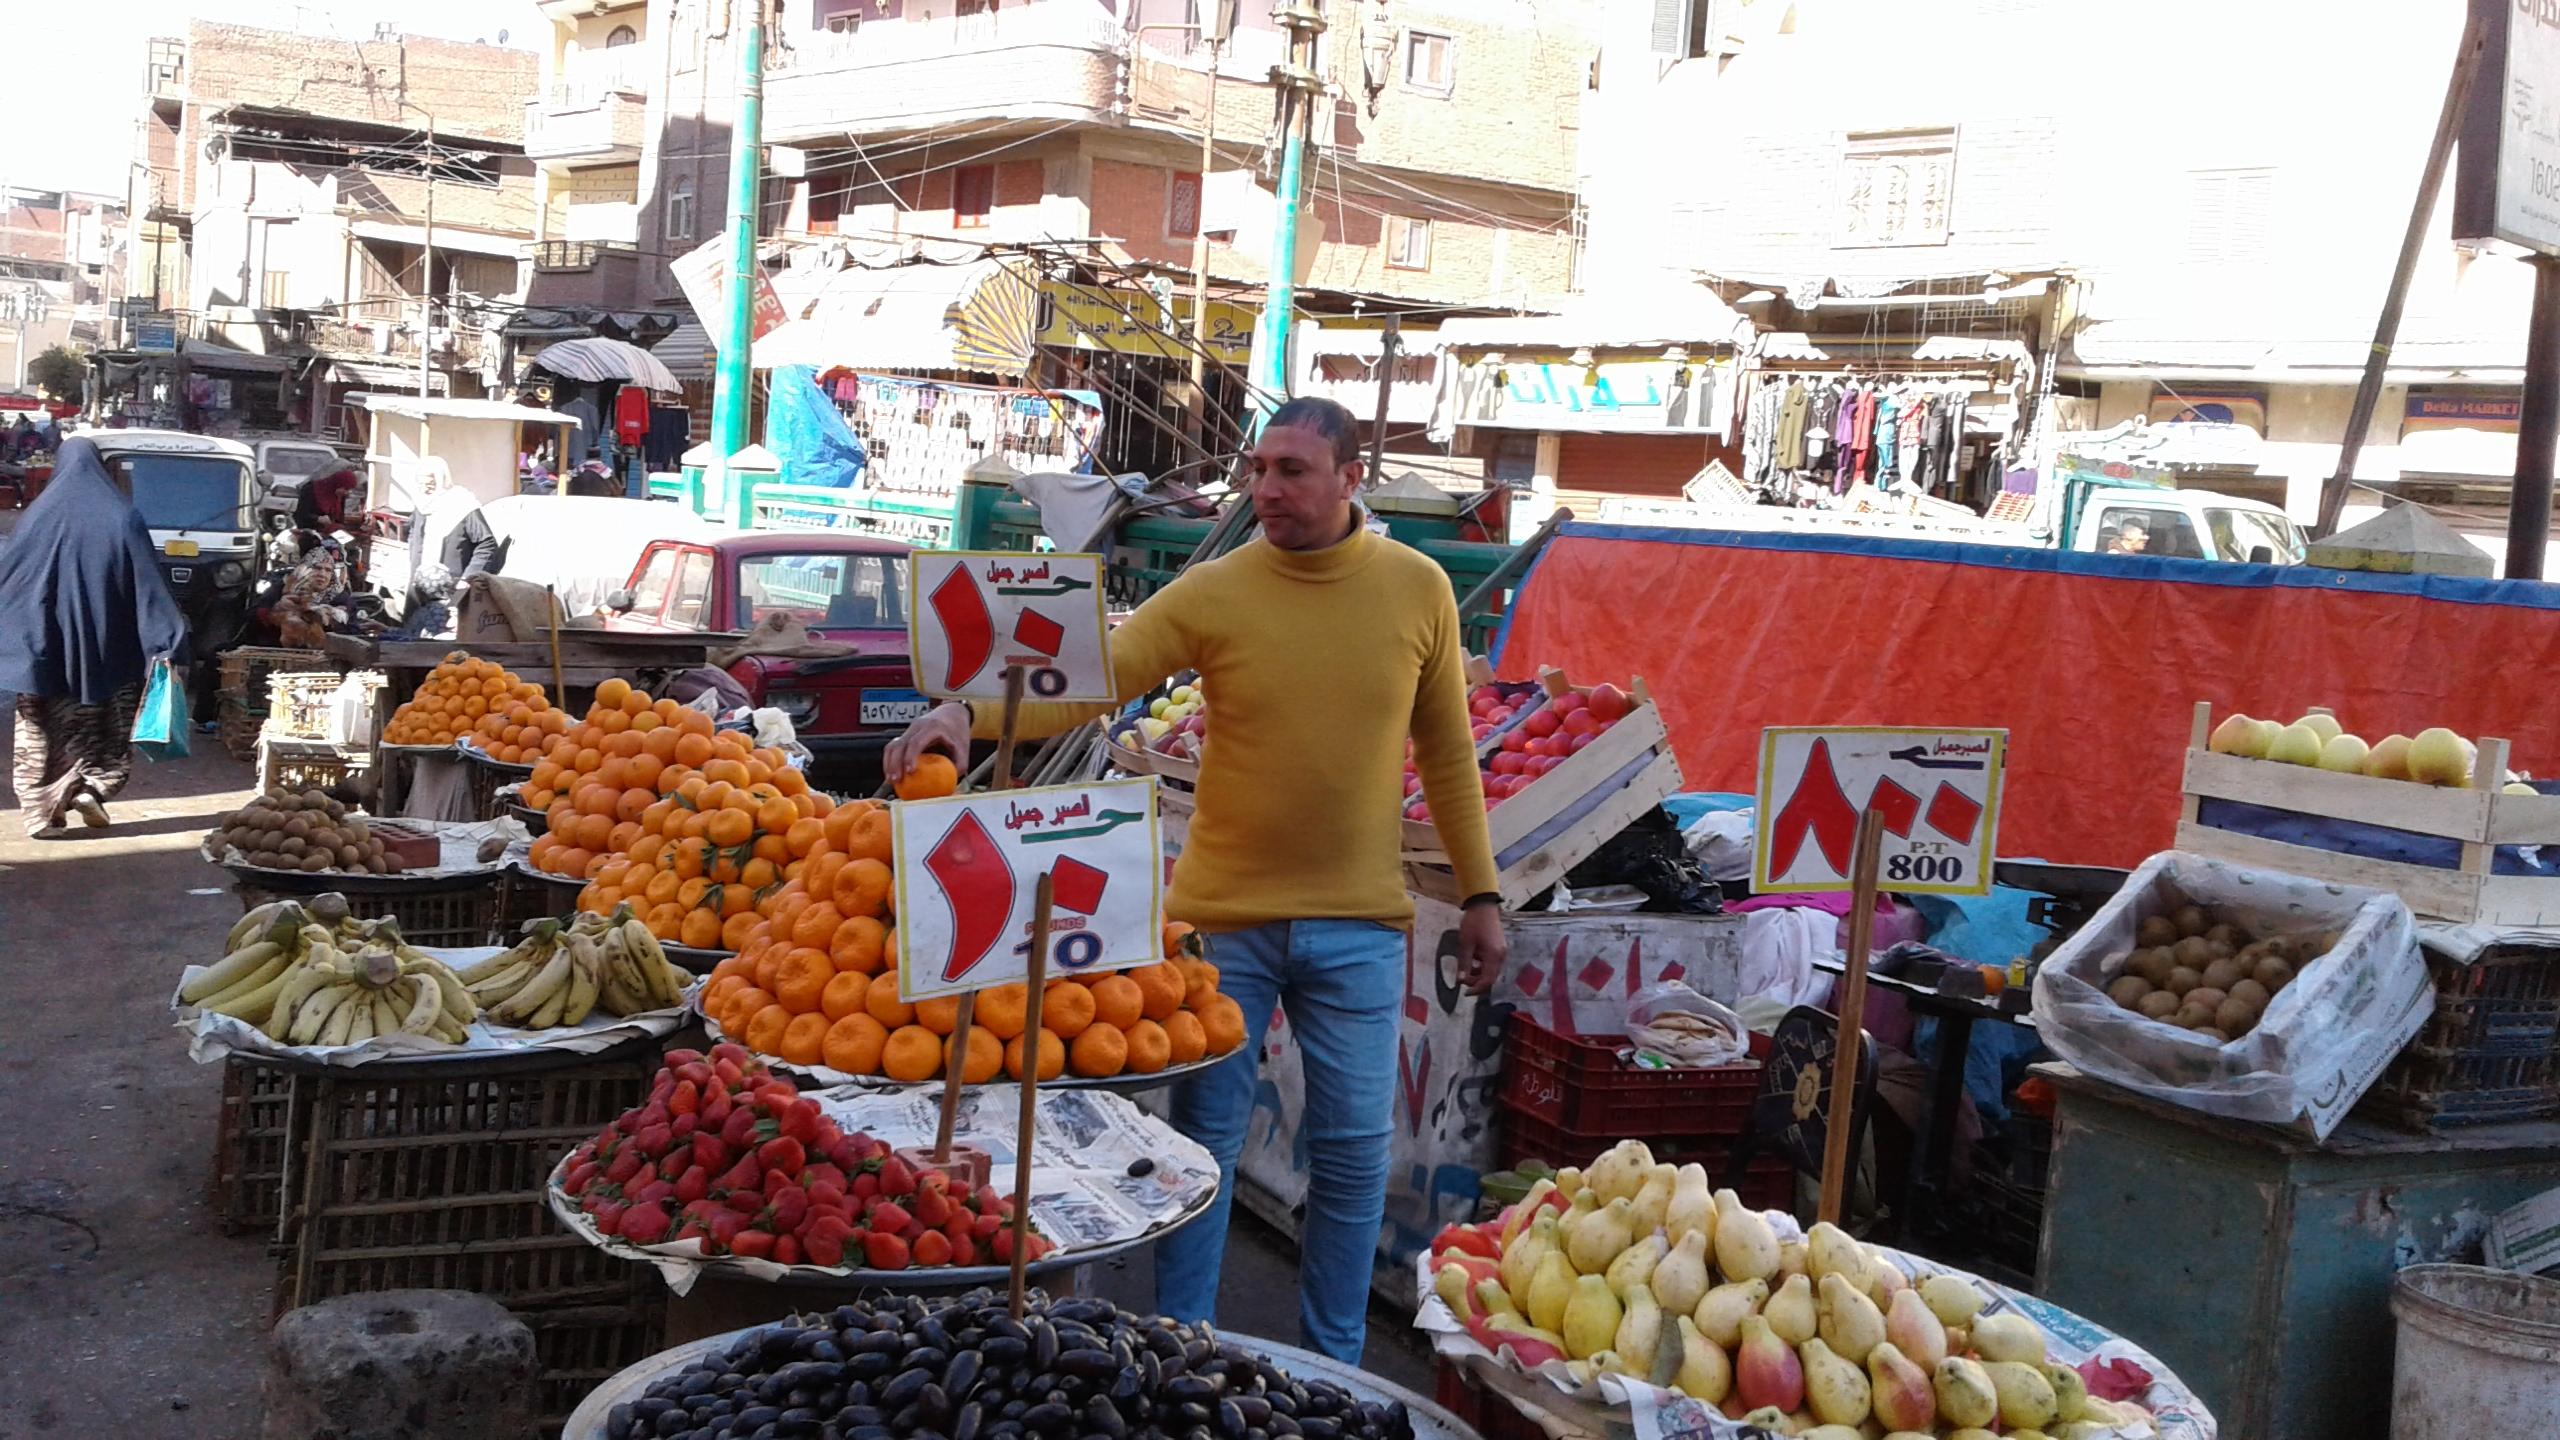 أسواق الخضر والفاكهة بمحافظة المنوفية (4)